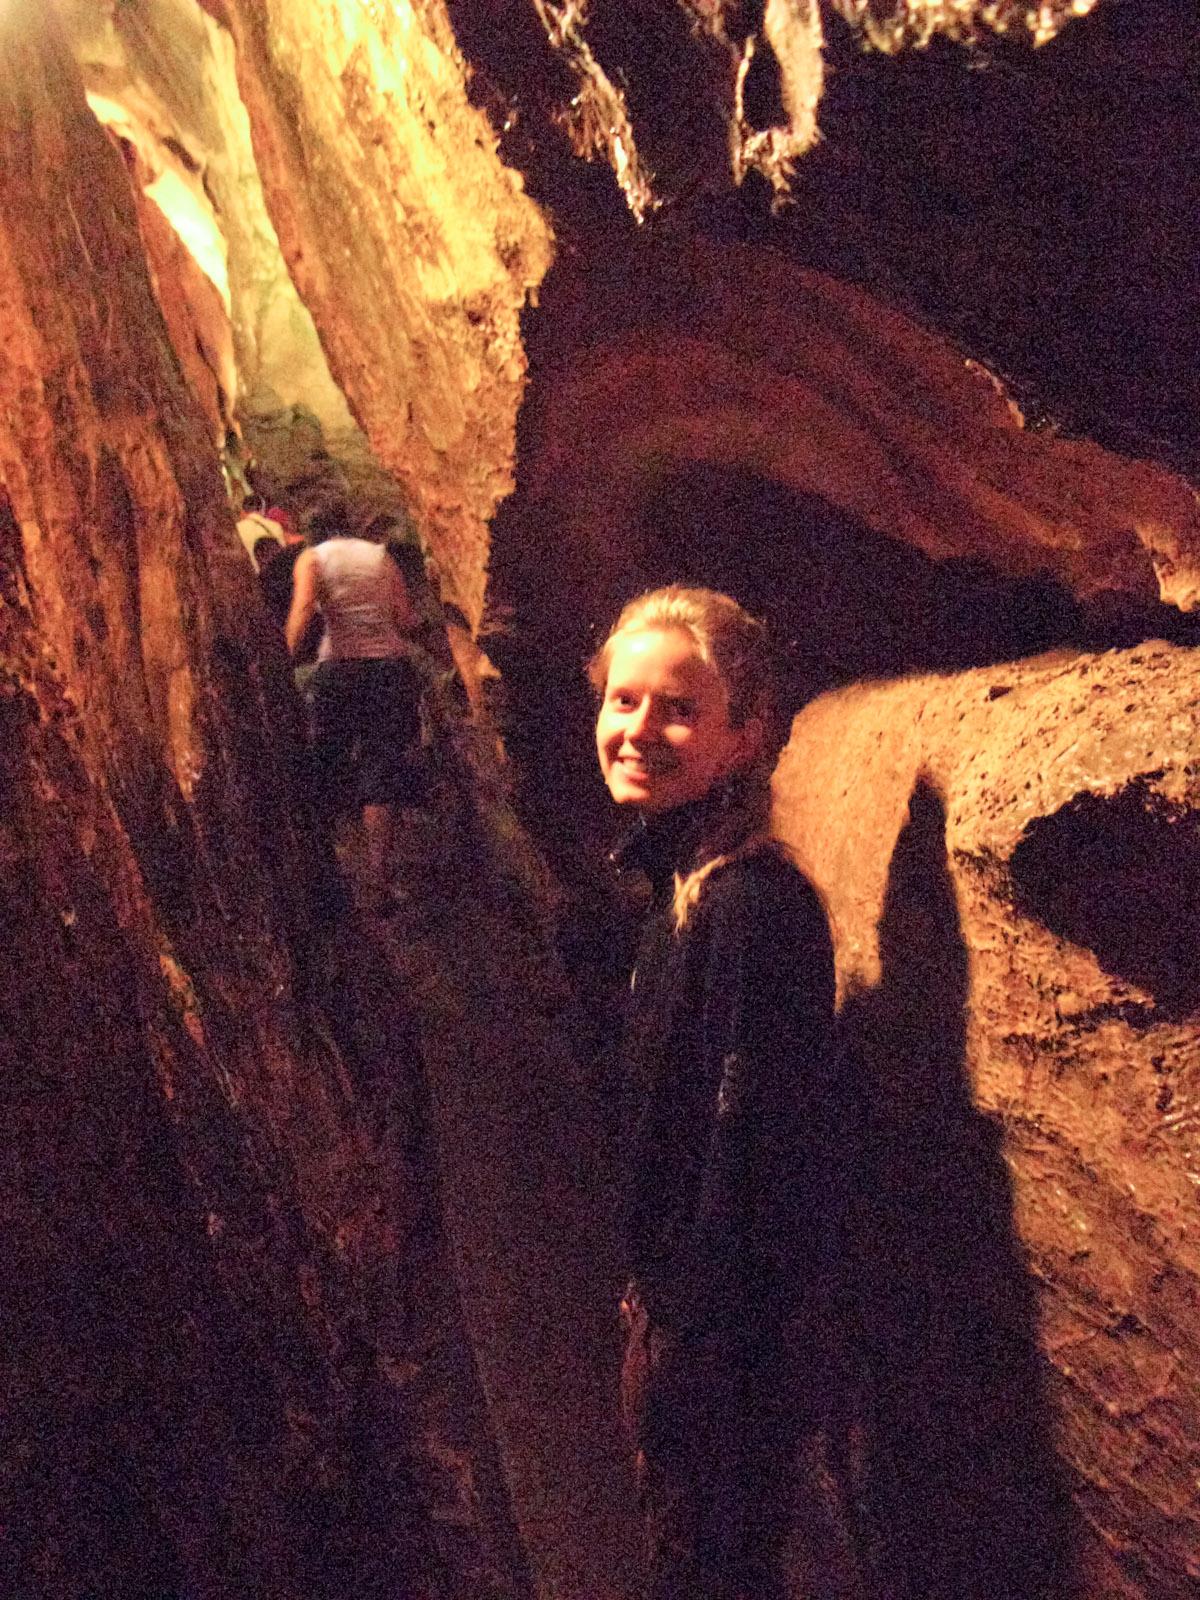 Hanne in Mroźna (Frosty) Cave